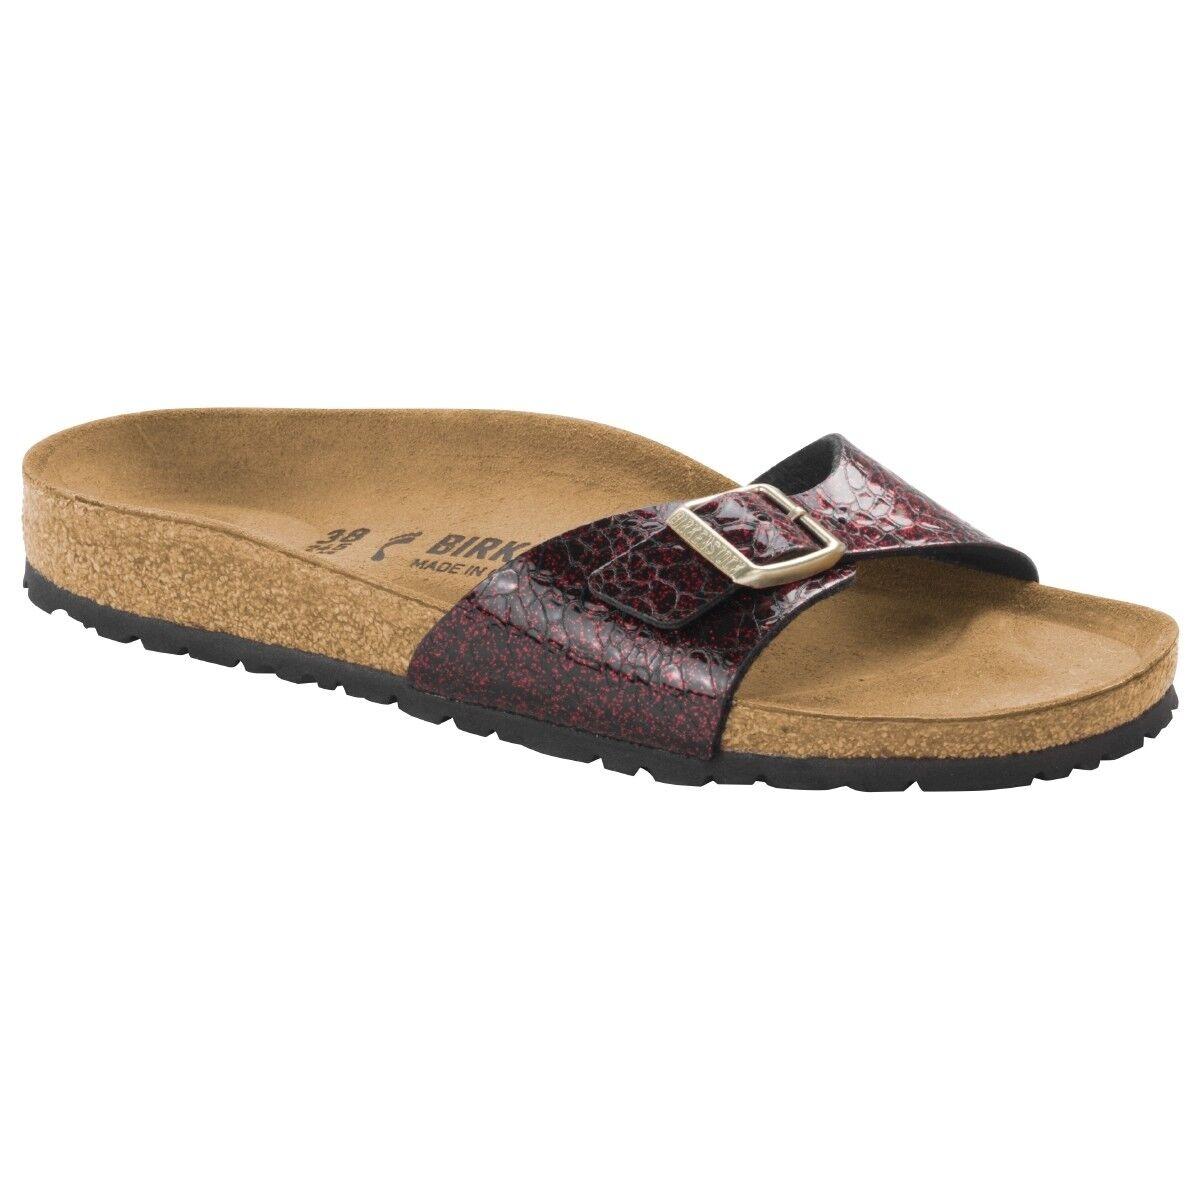 Birkenstock Madrid Birko-Flor Schuhe 1006615 Sandale Pantolette Weite schmal 1006615 Schuhe b51a76